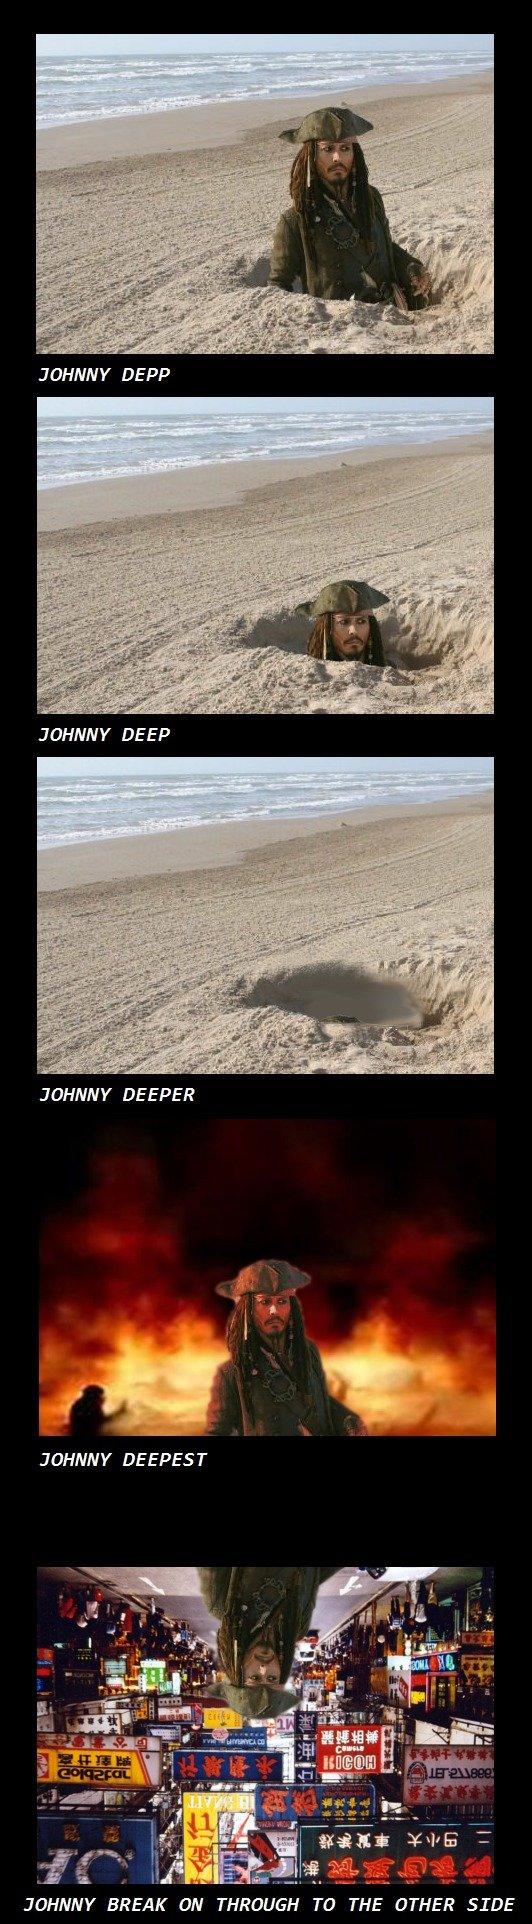 Johnny Depp. 60% OC. 40% made by FJ user evilhomer - /user/evilhomer - Props to him!. JOHNNY DEEPER JOHNNY DEEPEST johnny depp